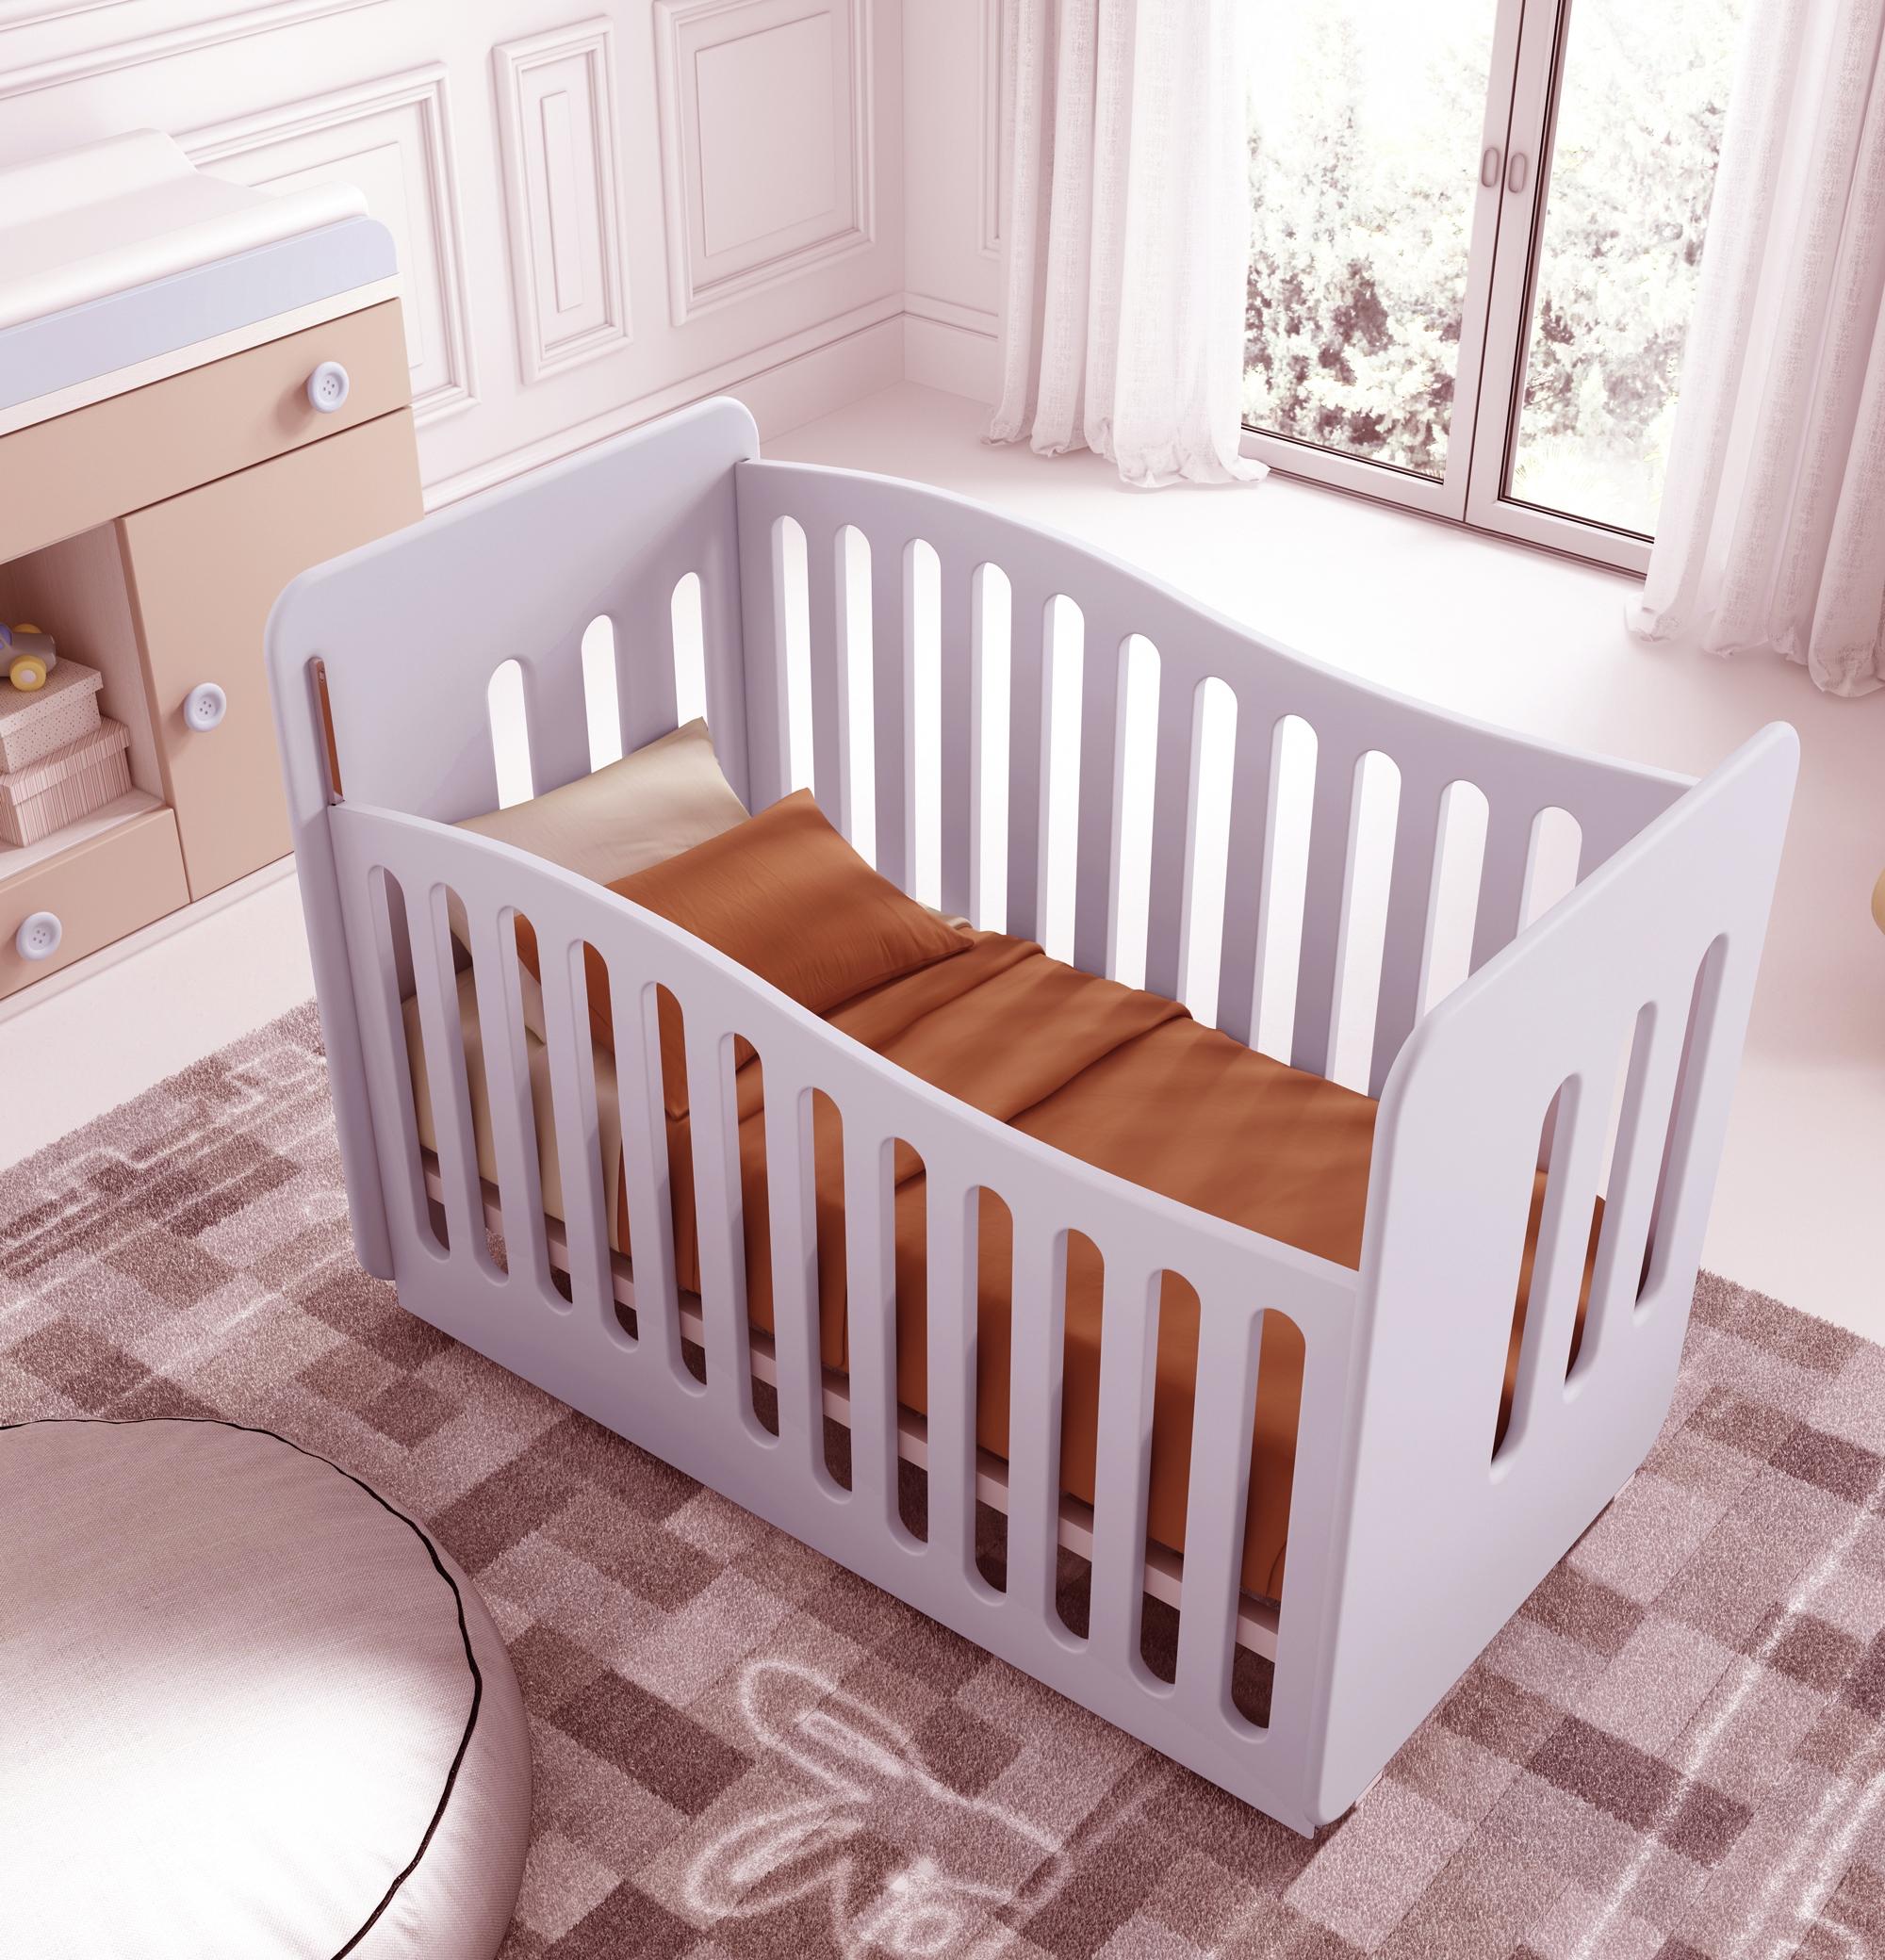 Chambre bébé fille Gioco couleur blanc et rose - GLICERIO - SO NUIT